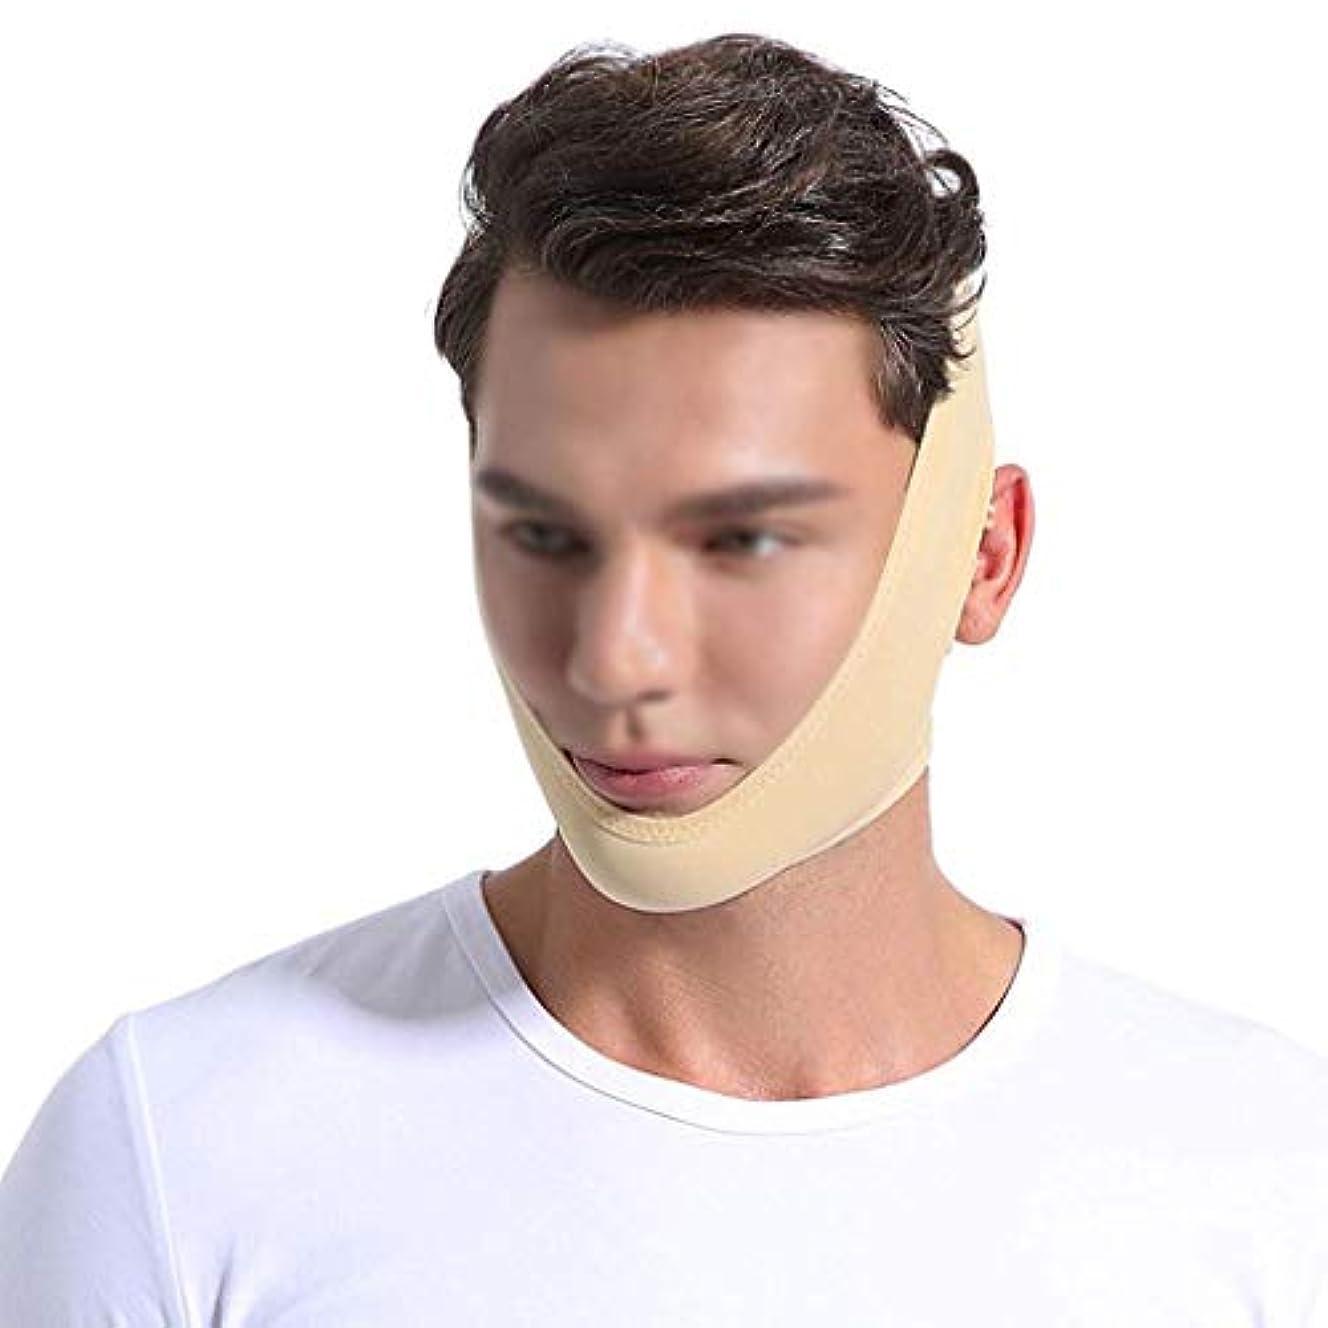 予言するサービス因子医療用ワイヤーカービング後、リフティングマスクを再開し、男性と女性の顔の弾性包帯のヘッドギアは小さなVフェイスの薄いフェイスマスクを結びました